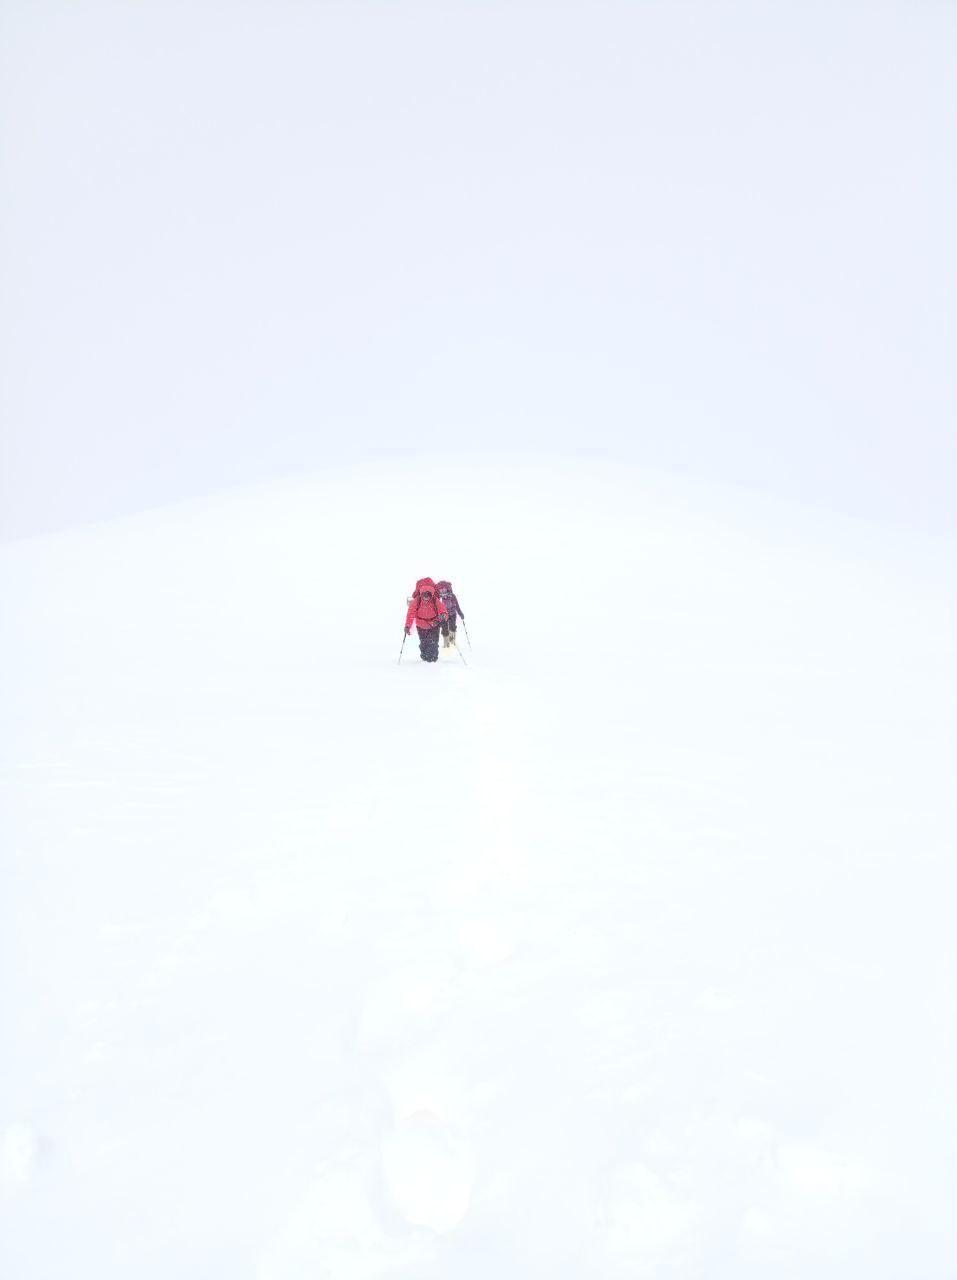 Фото Незрячий альпинист из Томска попал в снежную лавину при восхождении на пик Ленина 2